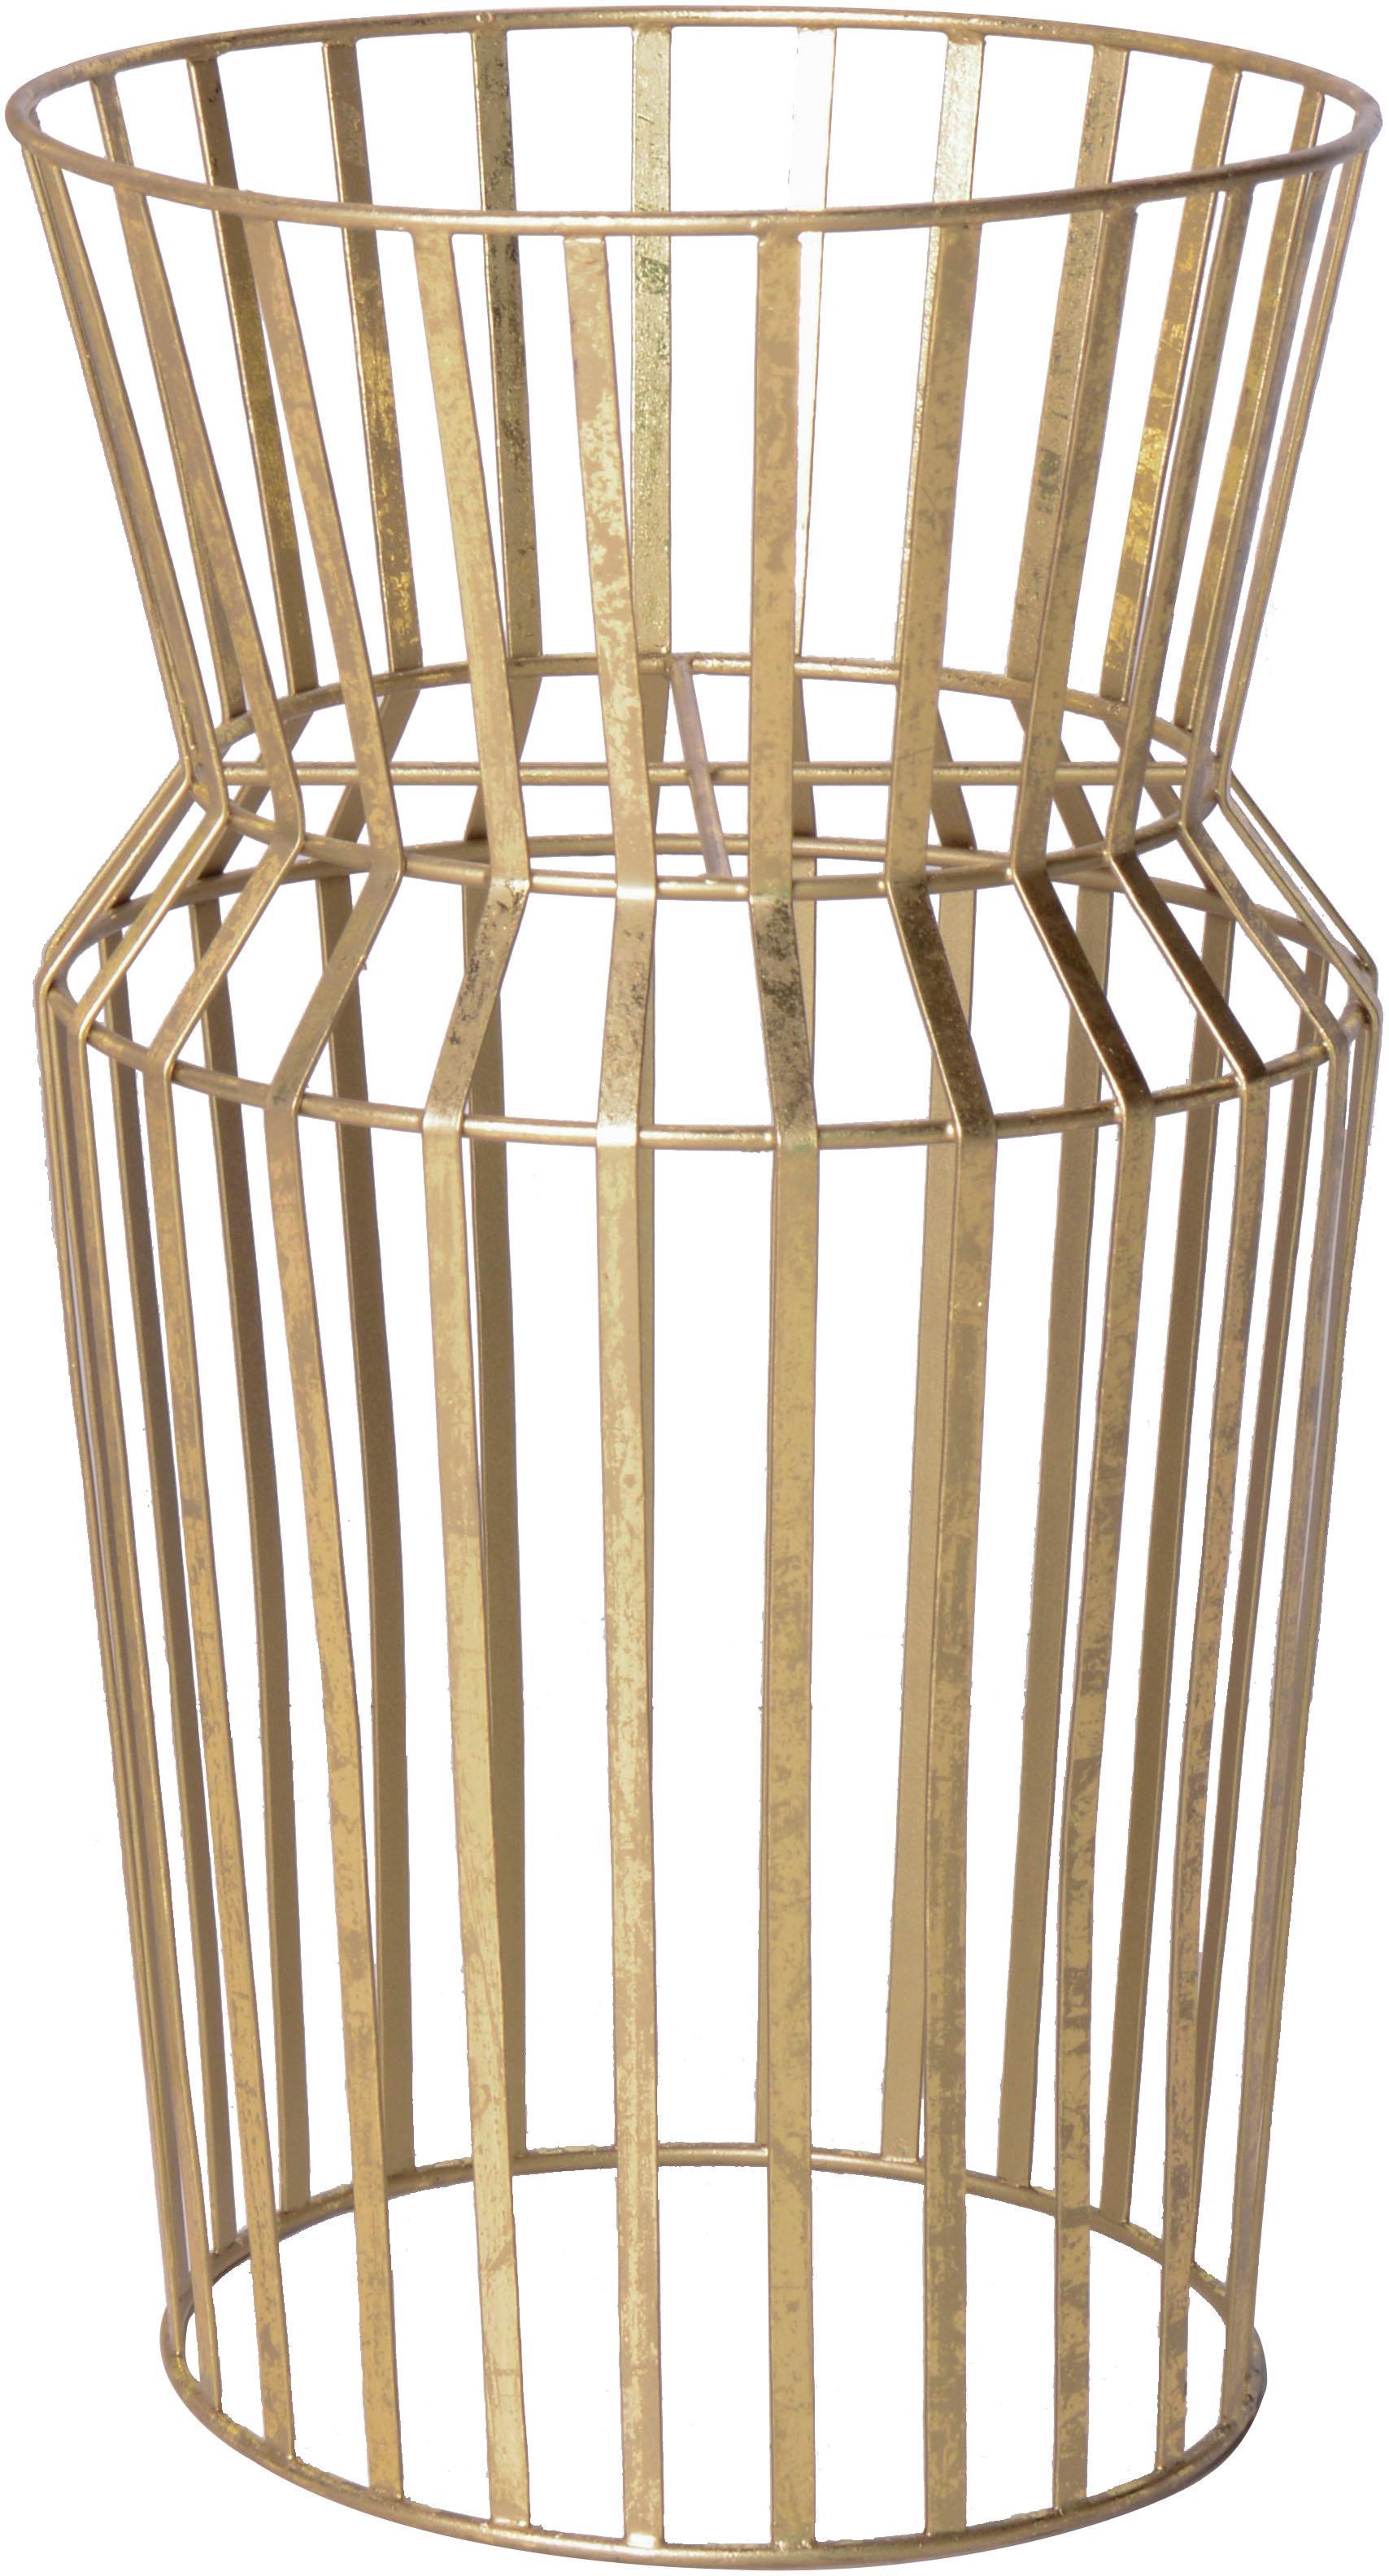 Großer Pflanzentopfständer Gold aus Metall, Metall, beschichtet, Messingfarben, Ø 28 x H 50 cm